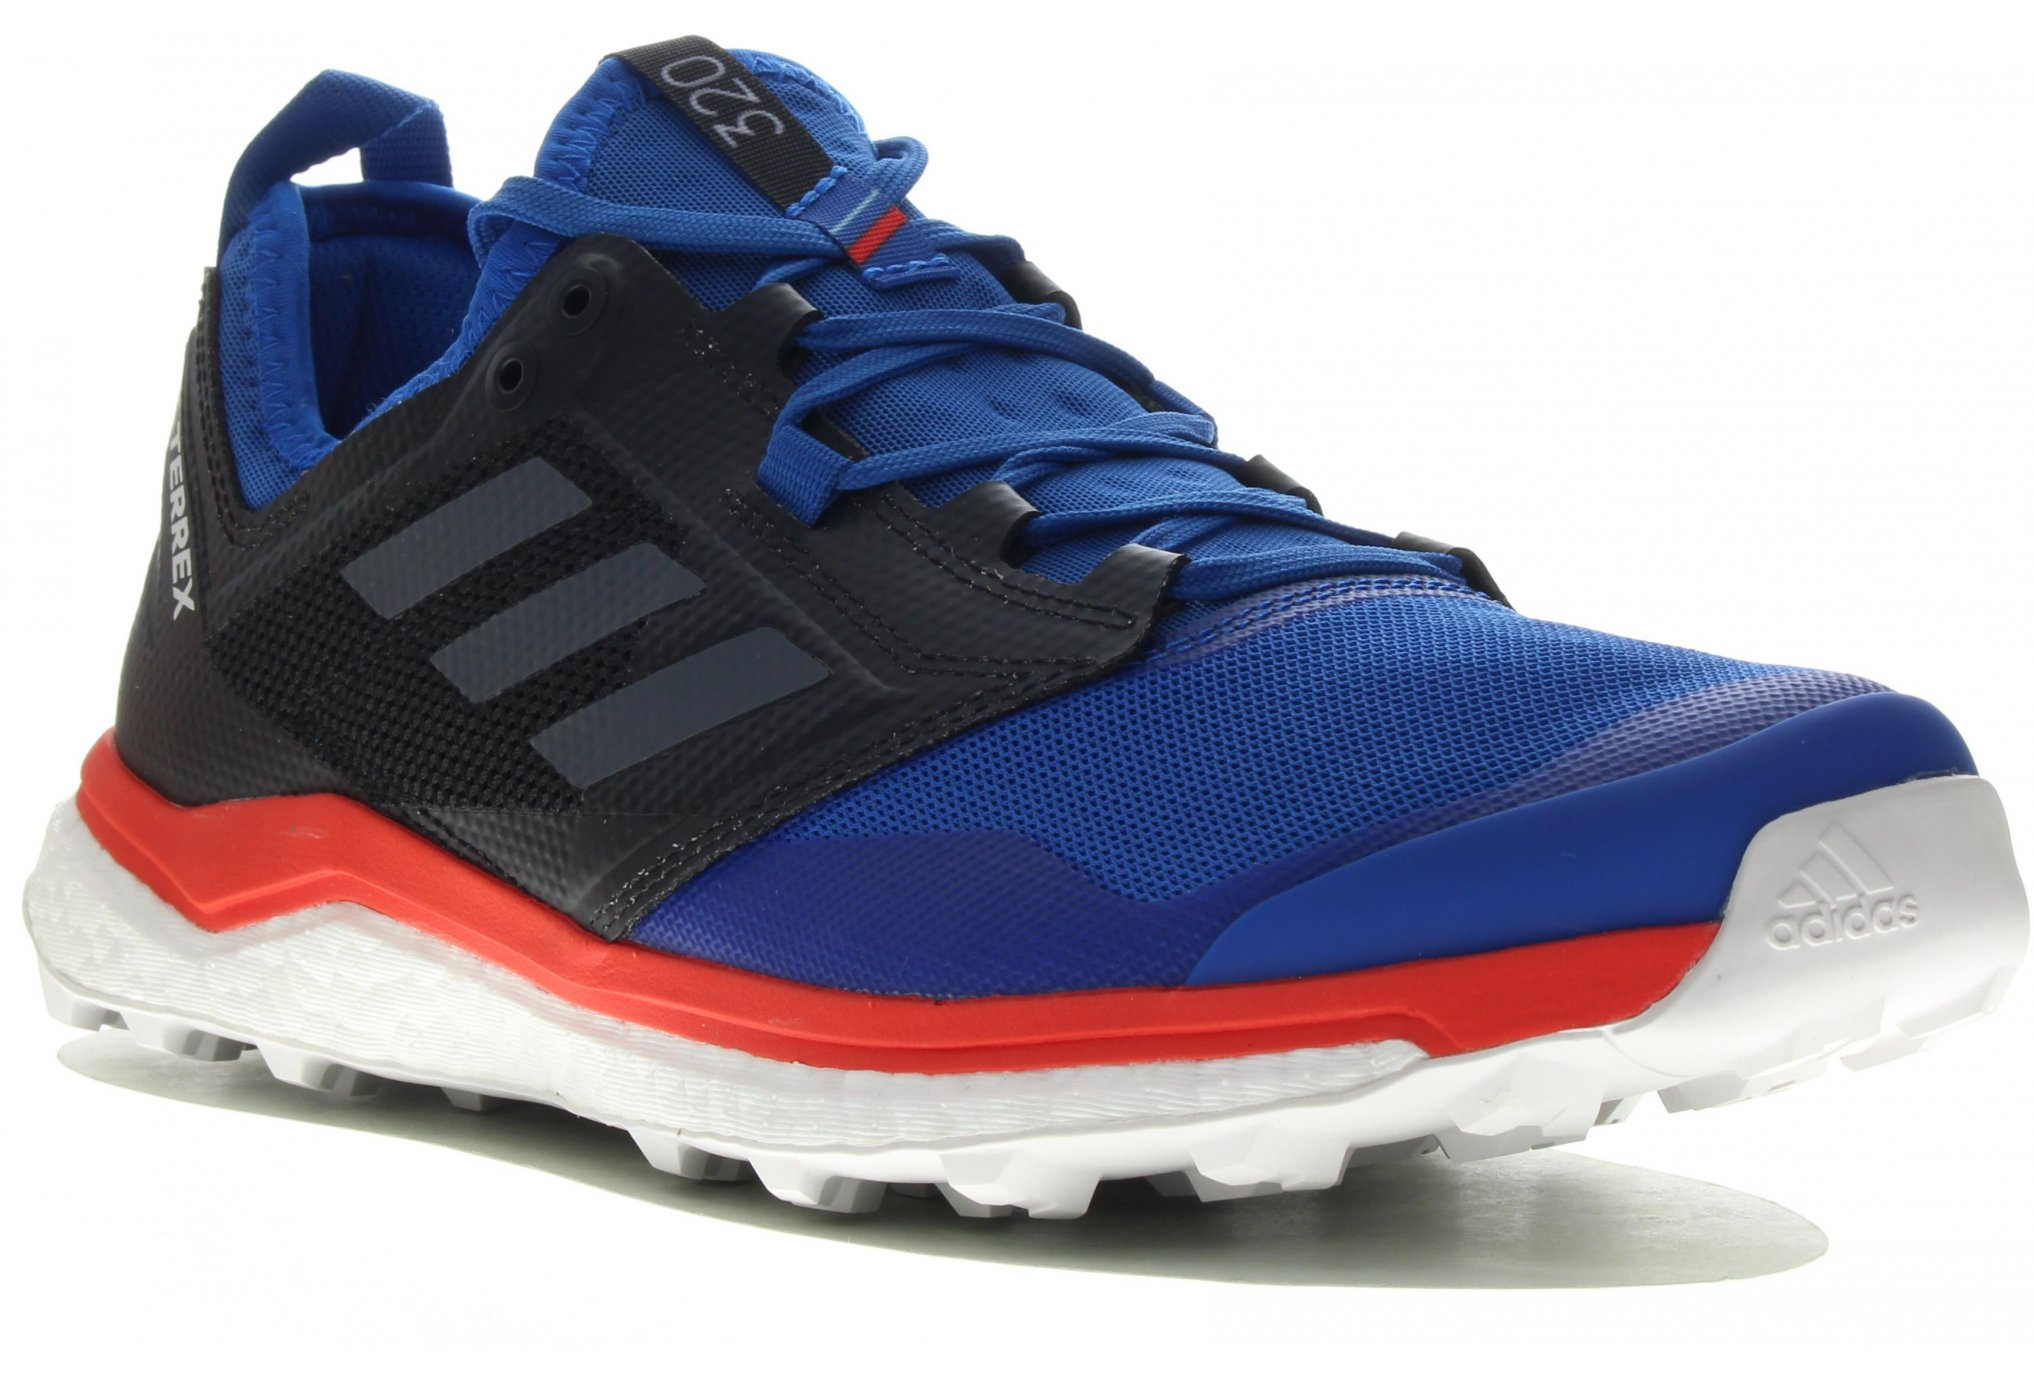 adidas Terrex Agravic XT M Diététique Chaussures homme